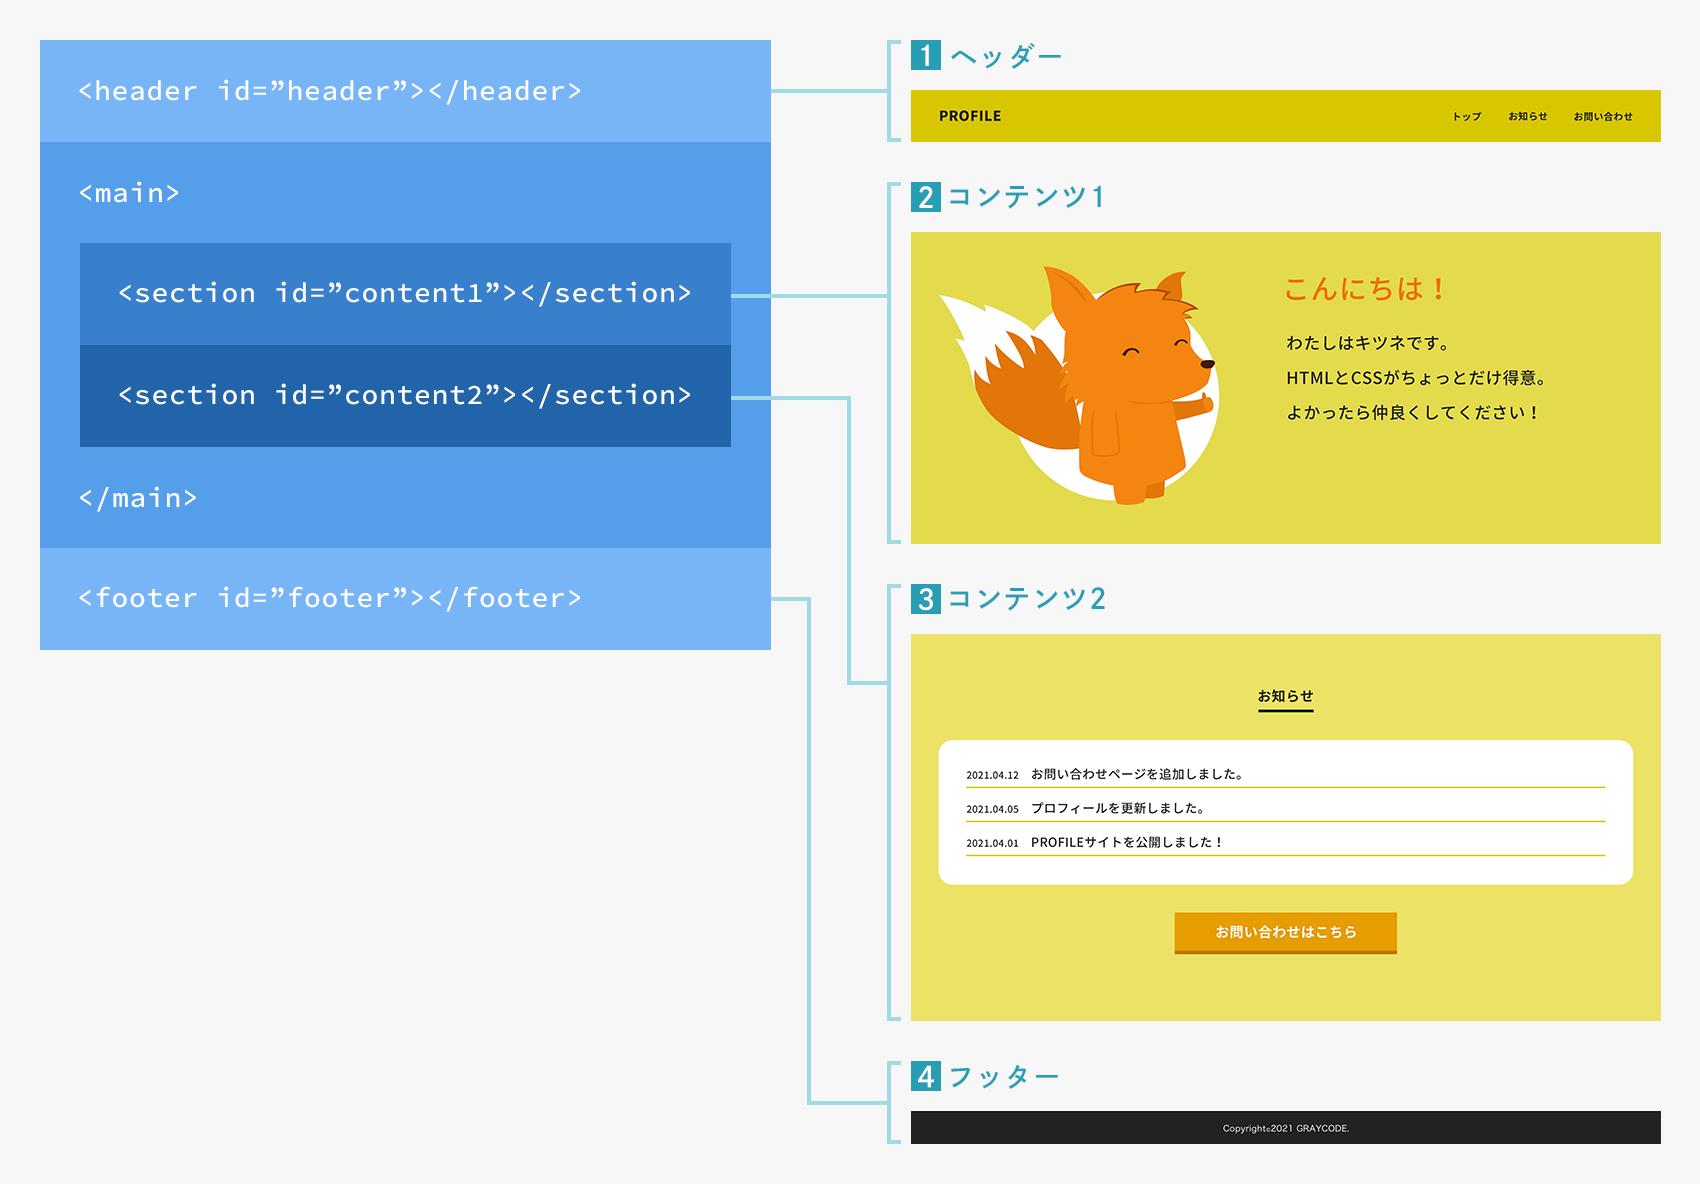 HTMLと各グループの対応イメージ